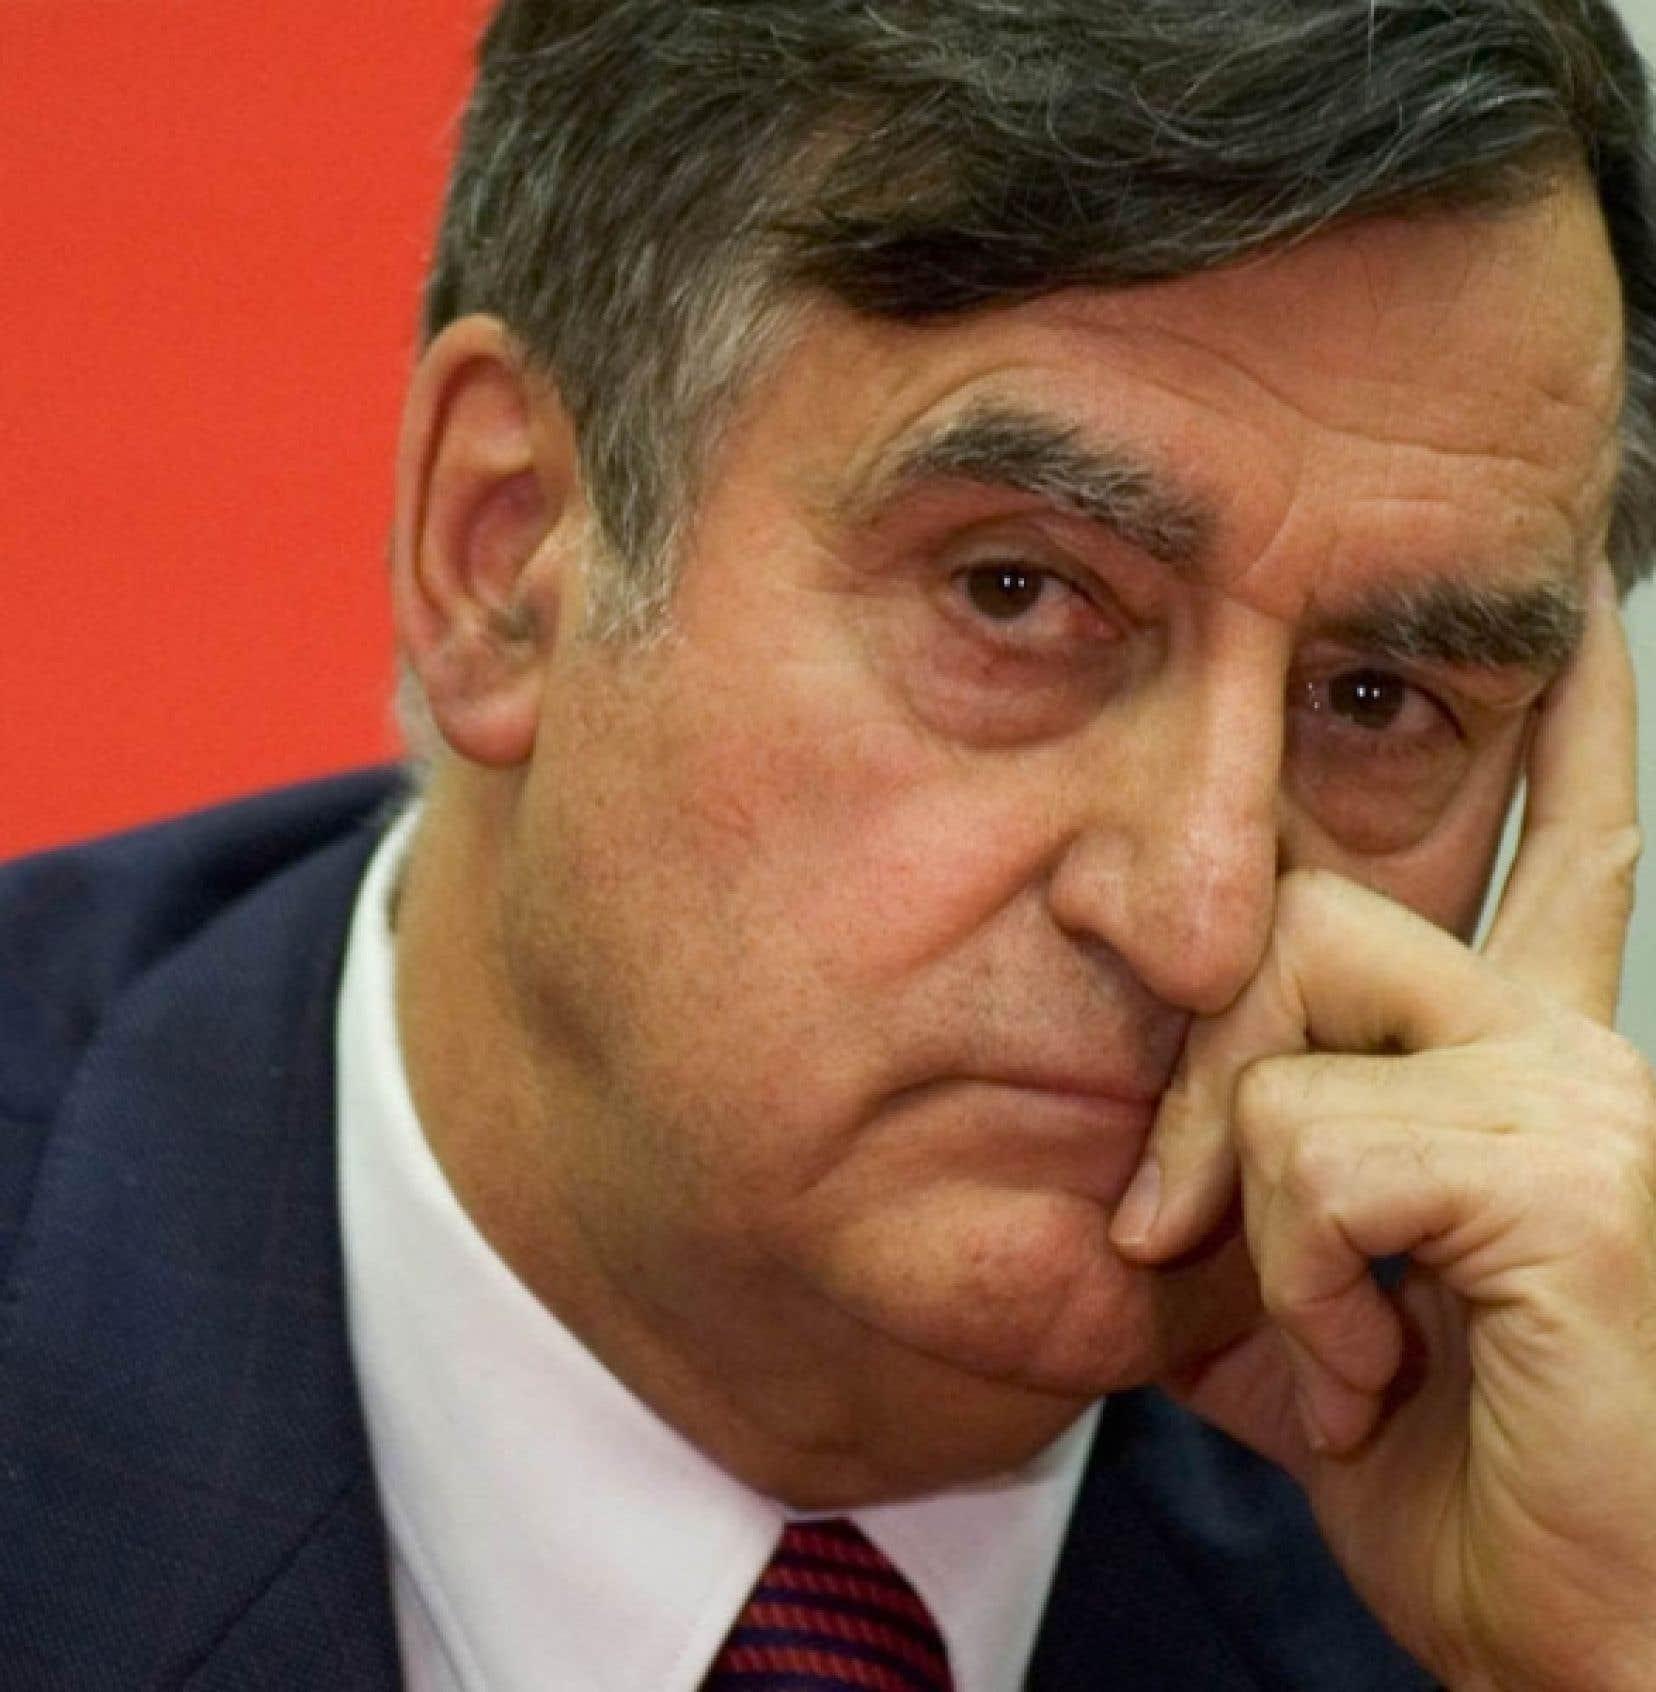 L&rsquo;ancien premier ministre repr&eacute;sentera l&rsquo;industrie du gaz de schiste, mais sa r&eacute;mun&eacute;ration proviendra d&rsquo;une seule source: Talisman Energy.<br /> <br />